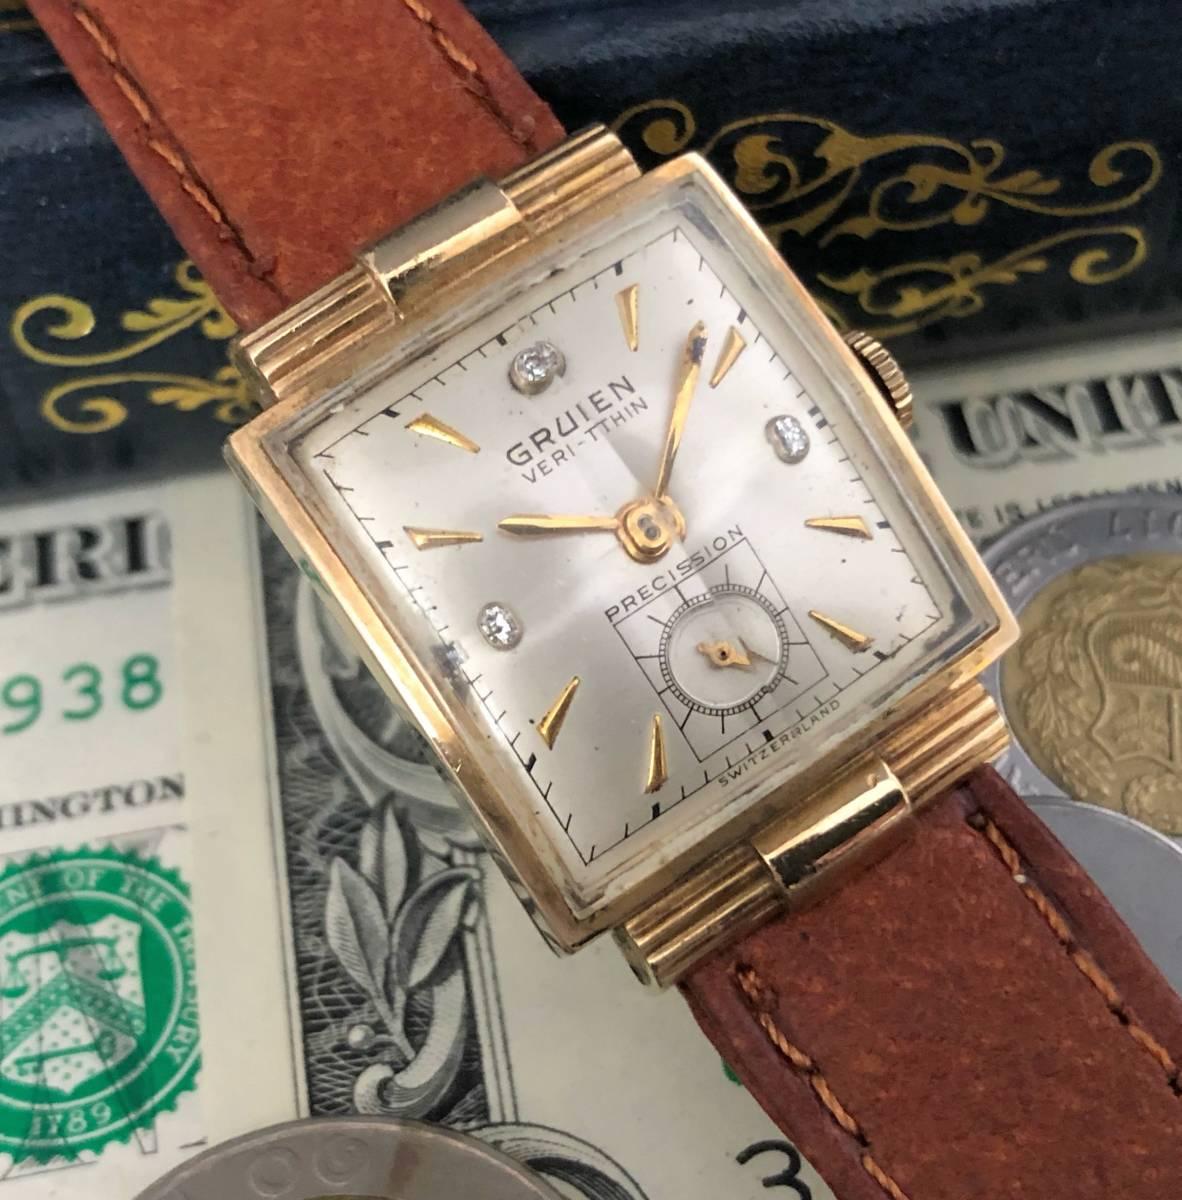 【貴重】◎/グリュエン/GRUEN/ゴールド/1950's/アンティーク/Veri-Thin/10K/スクエア/手巻/金張/ベリシン/メンズ腕時計/アメリカ/送料無料_画像2